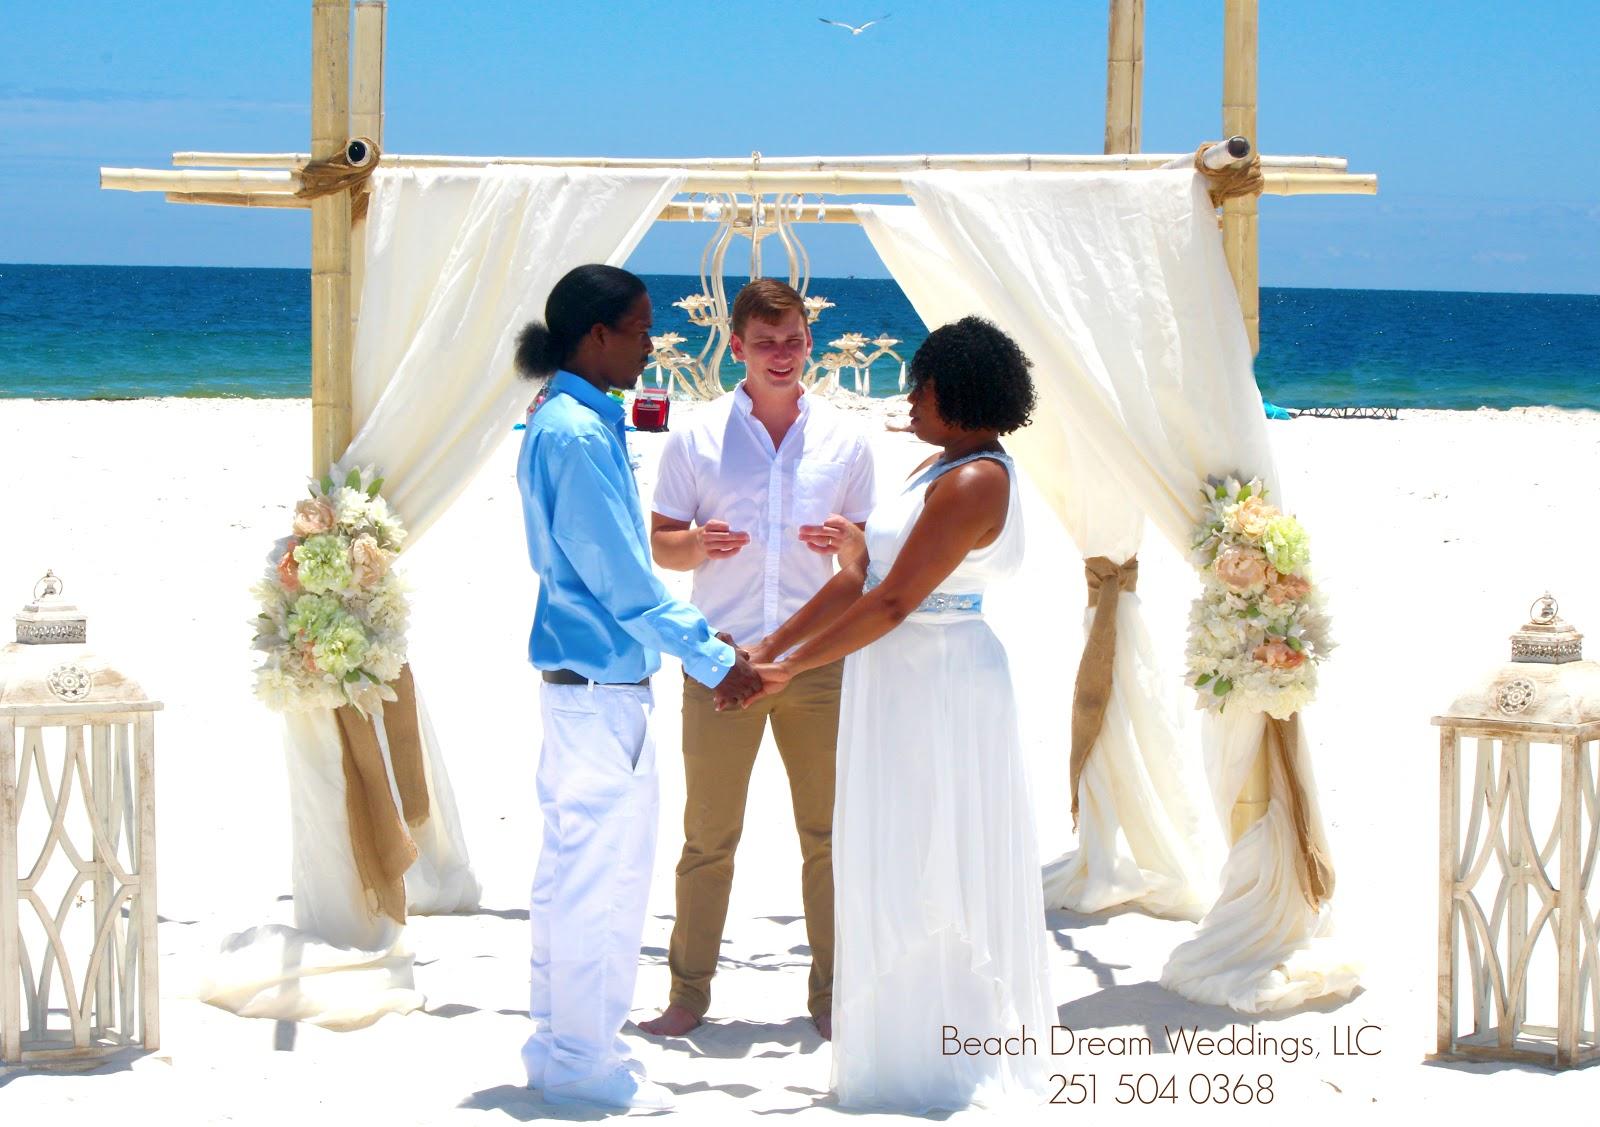 Beach Dream Wedding Of Timothy And Nikisha In Orange Alabama Weddings Llc 251 504 0368